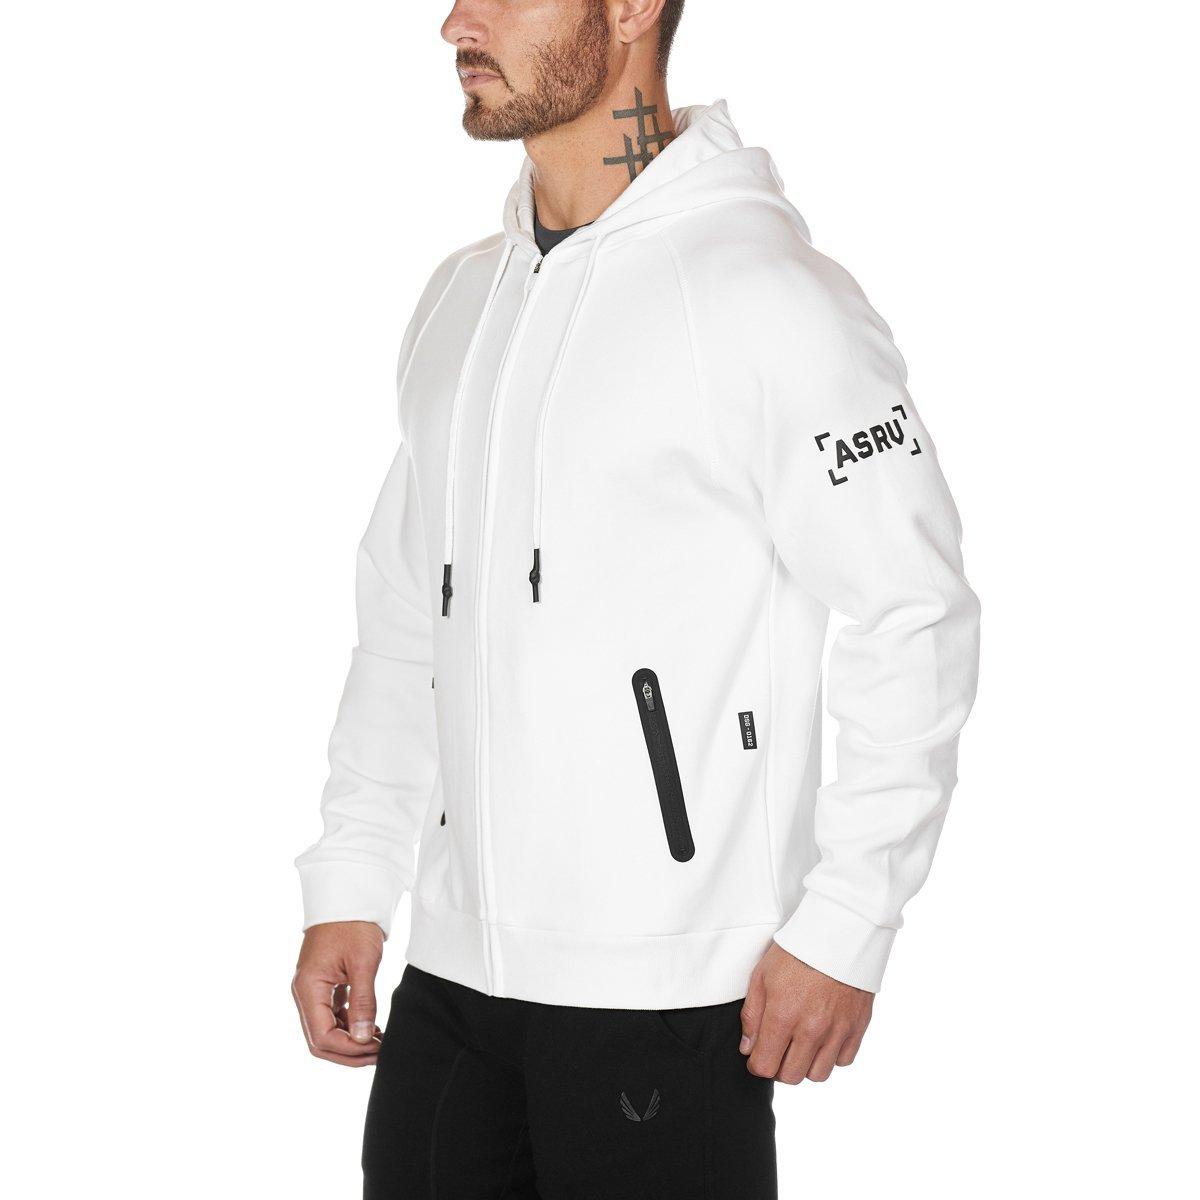 【ASRV】CottonPlus™ジップフーディー - White